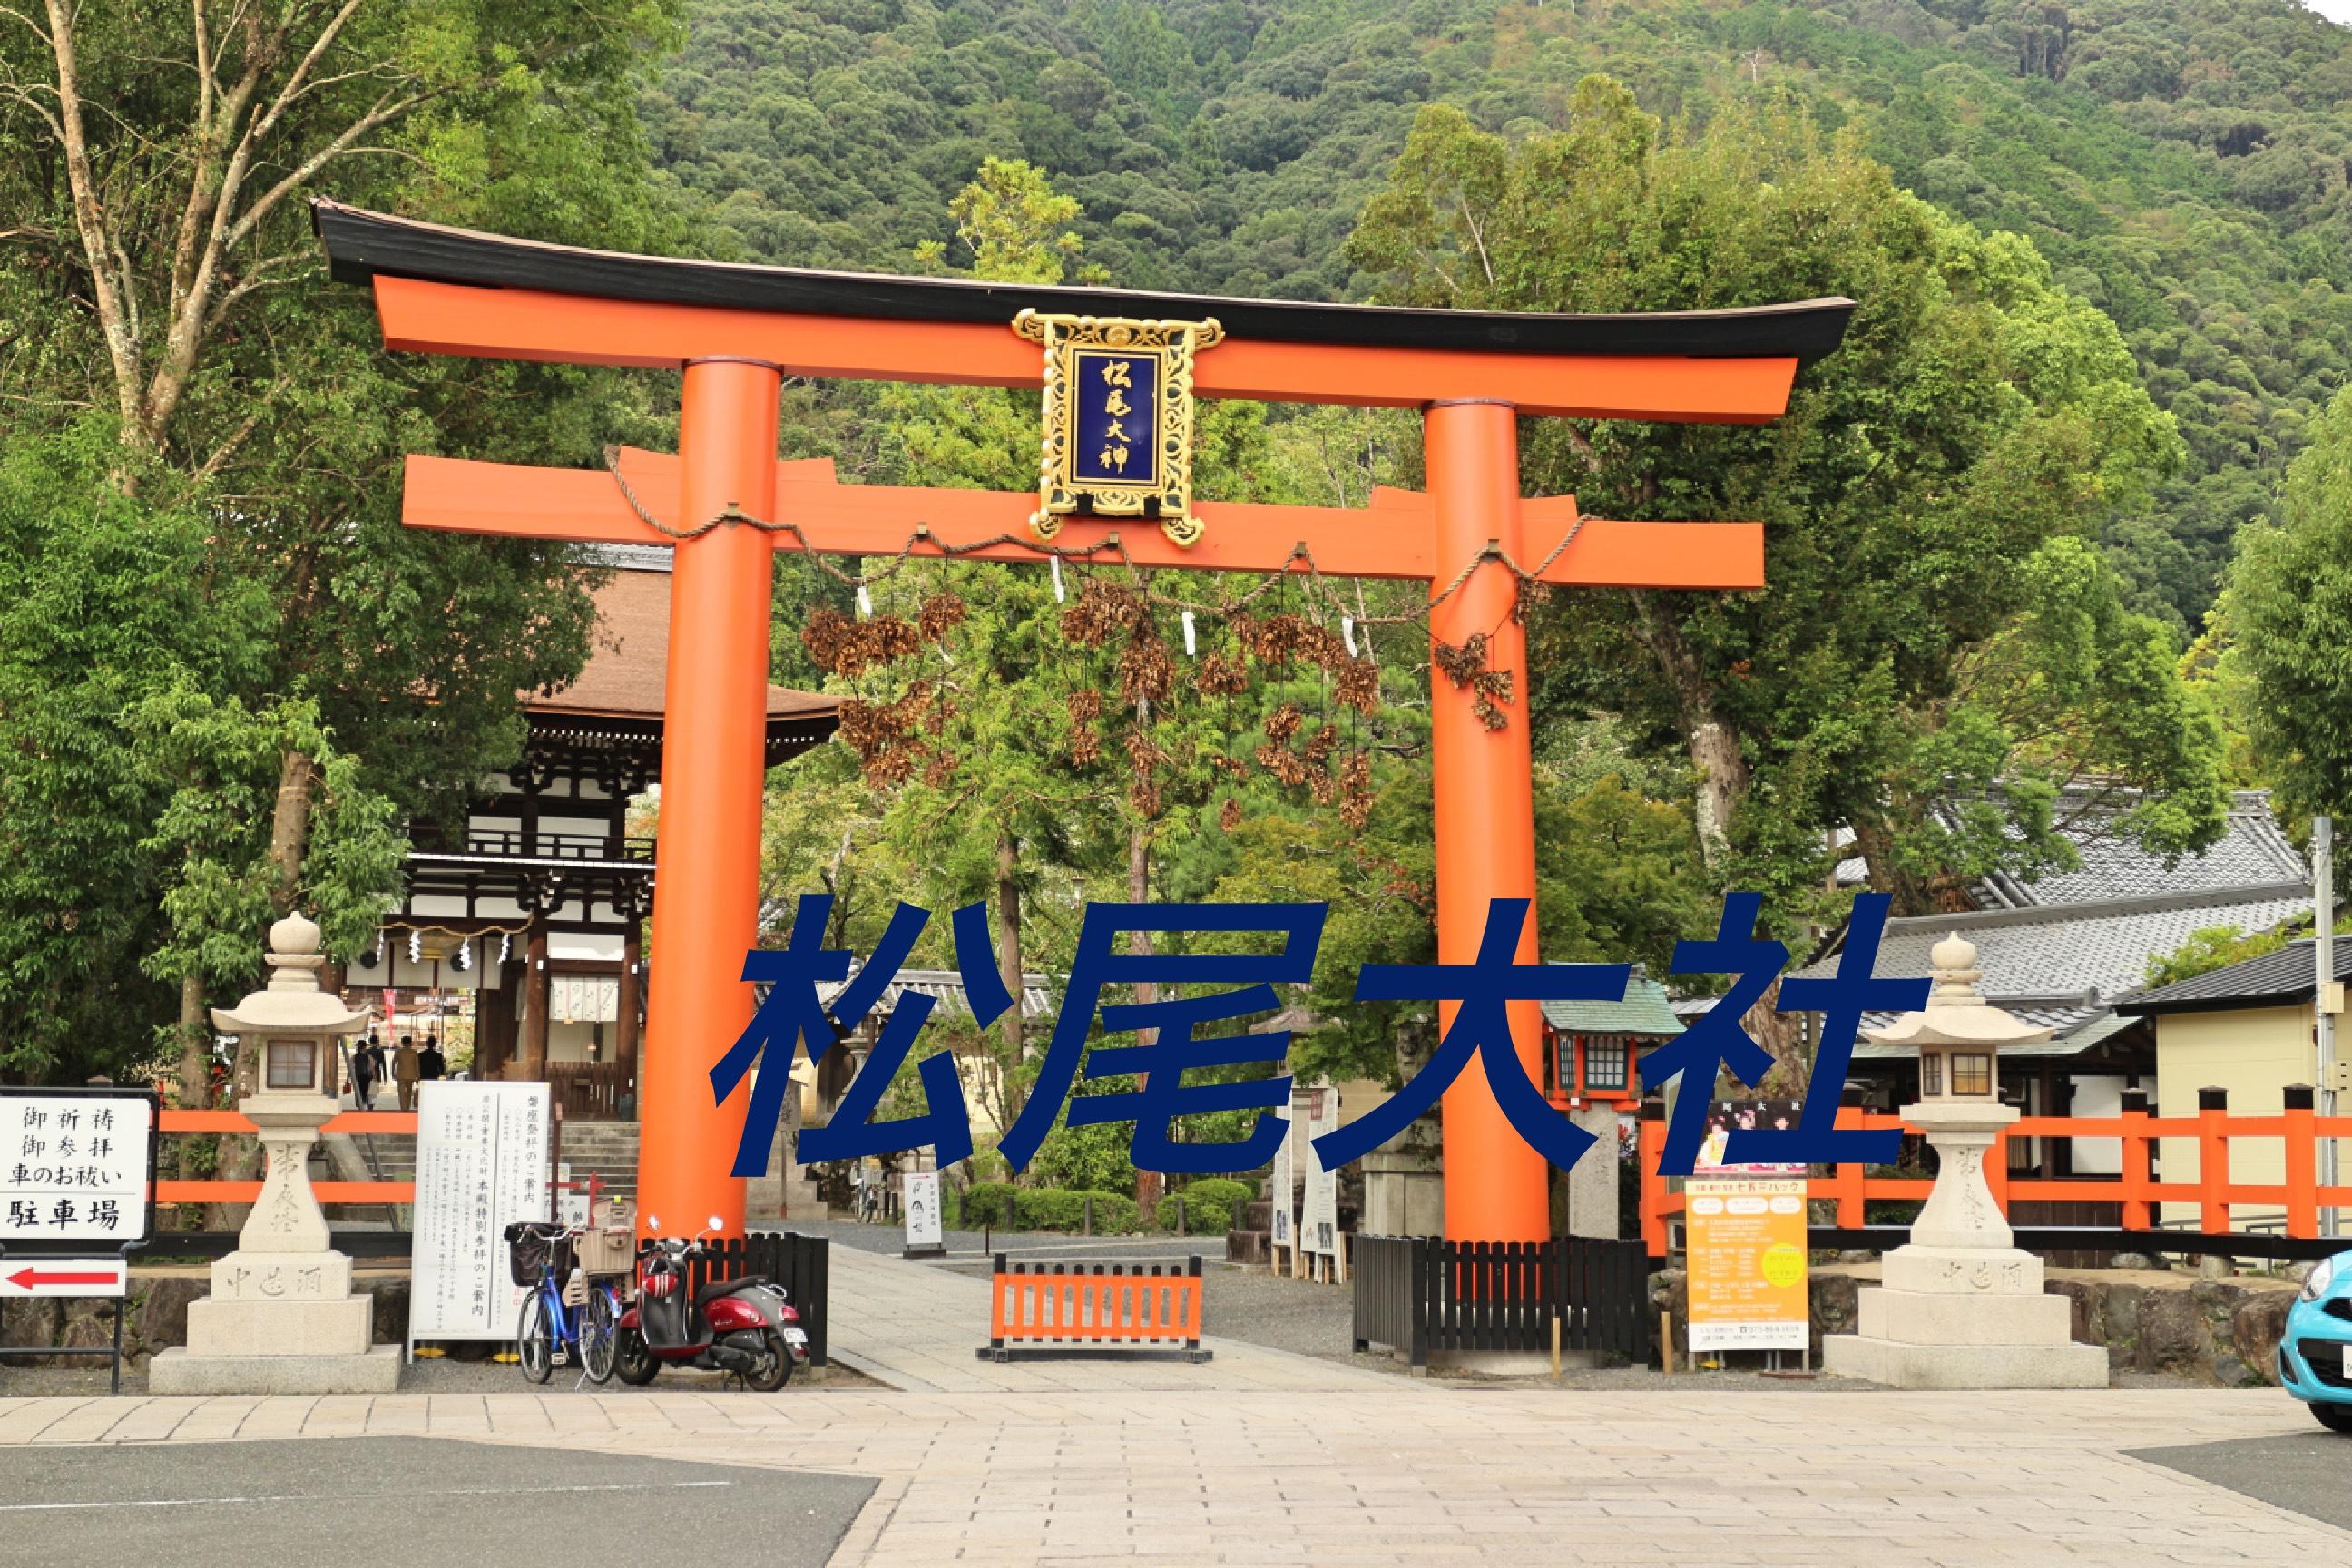 美しい借景!?京都五社の一つ、松尾大社の御朱印と参拝情報をご紹介